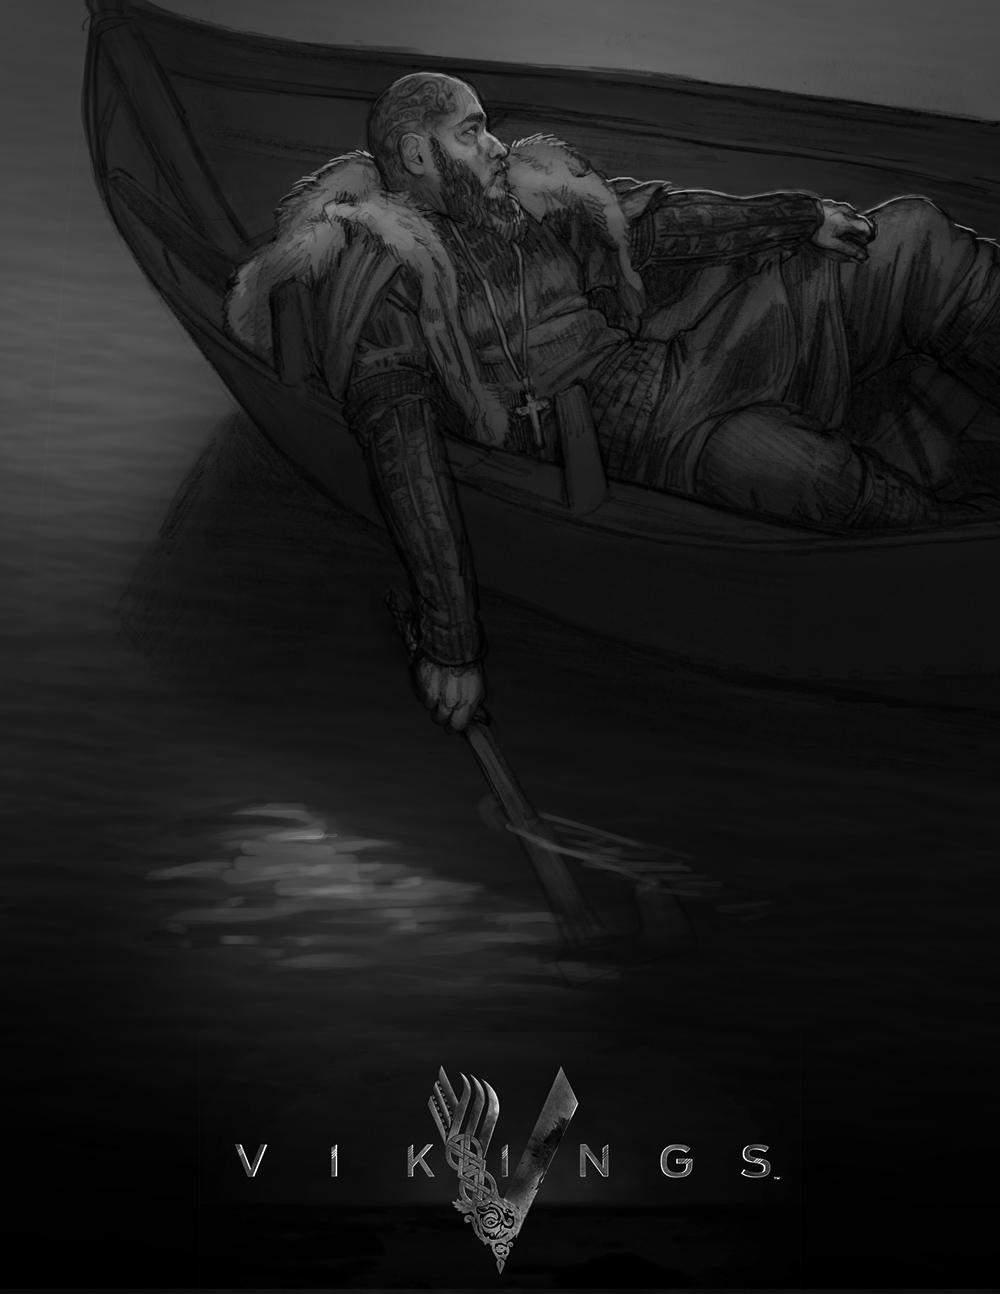 canoe2_compv3.jpg